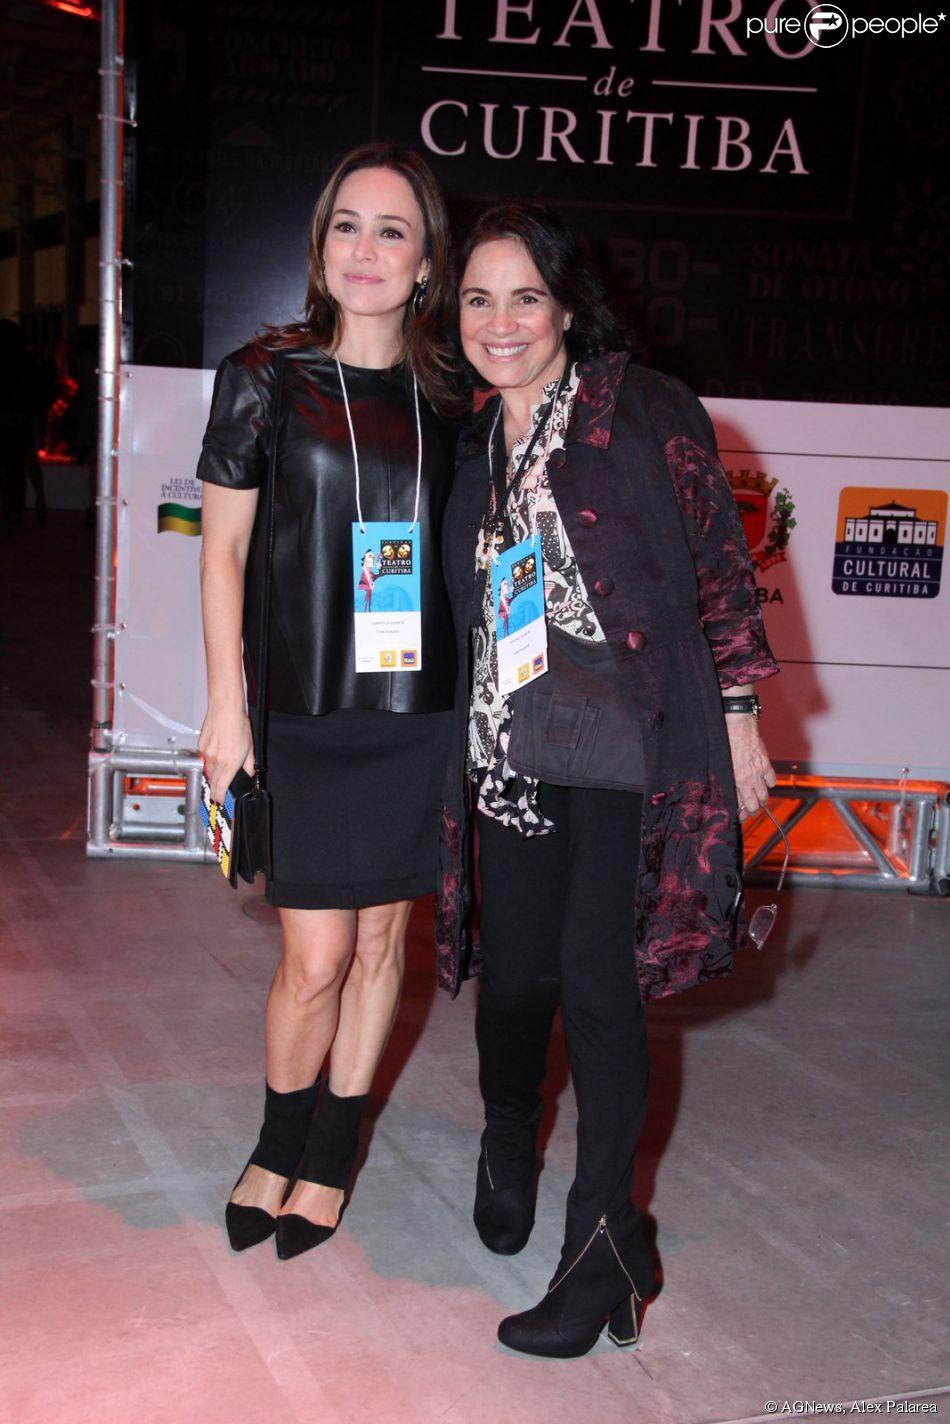 Regina Duarte vai a Festival de Teatro de Curitiba com a filha, Gabriela Duarte, na noite desta terça-feira, 25 de março de 2014